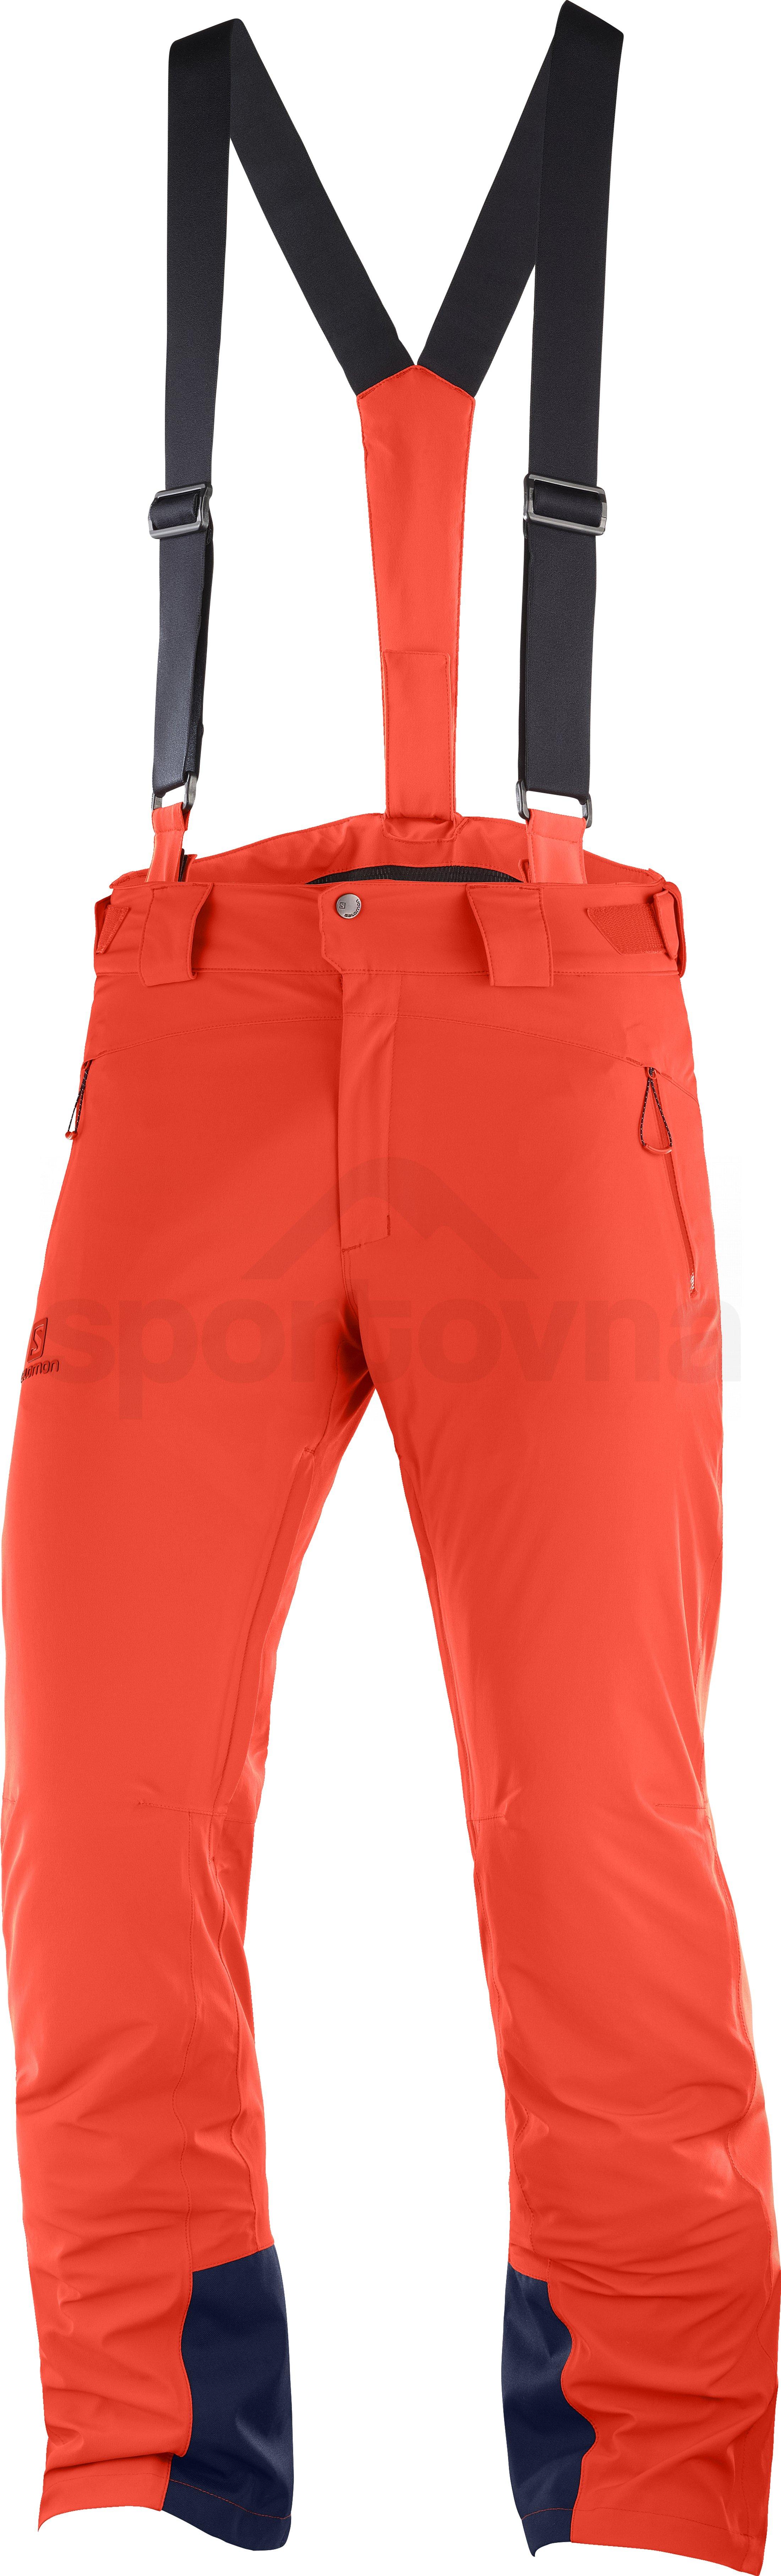 LC1224000_0_GHO_m_iceglorypant_cherrytomato_skiwear